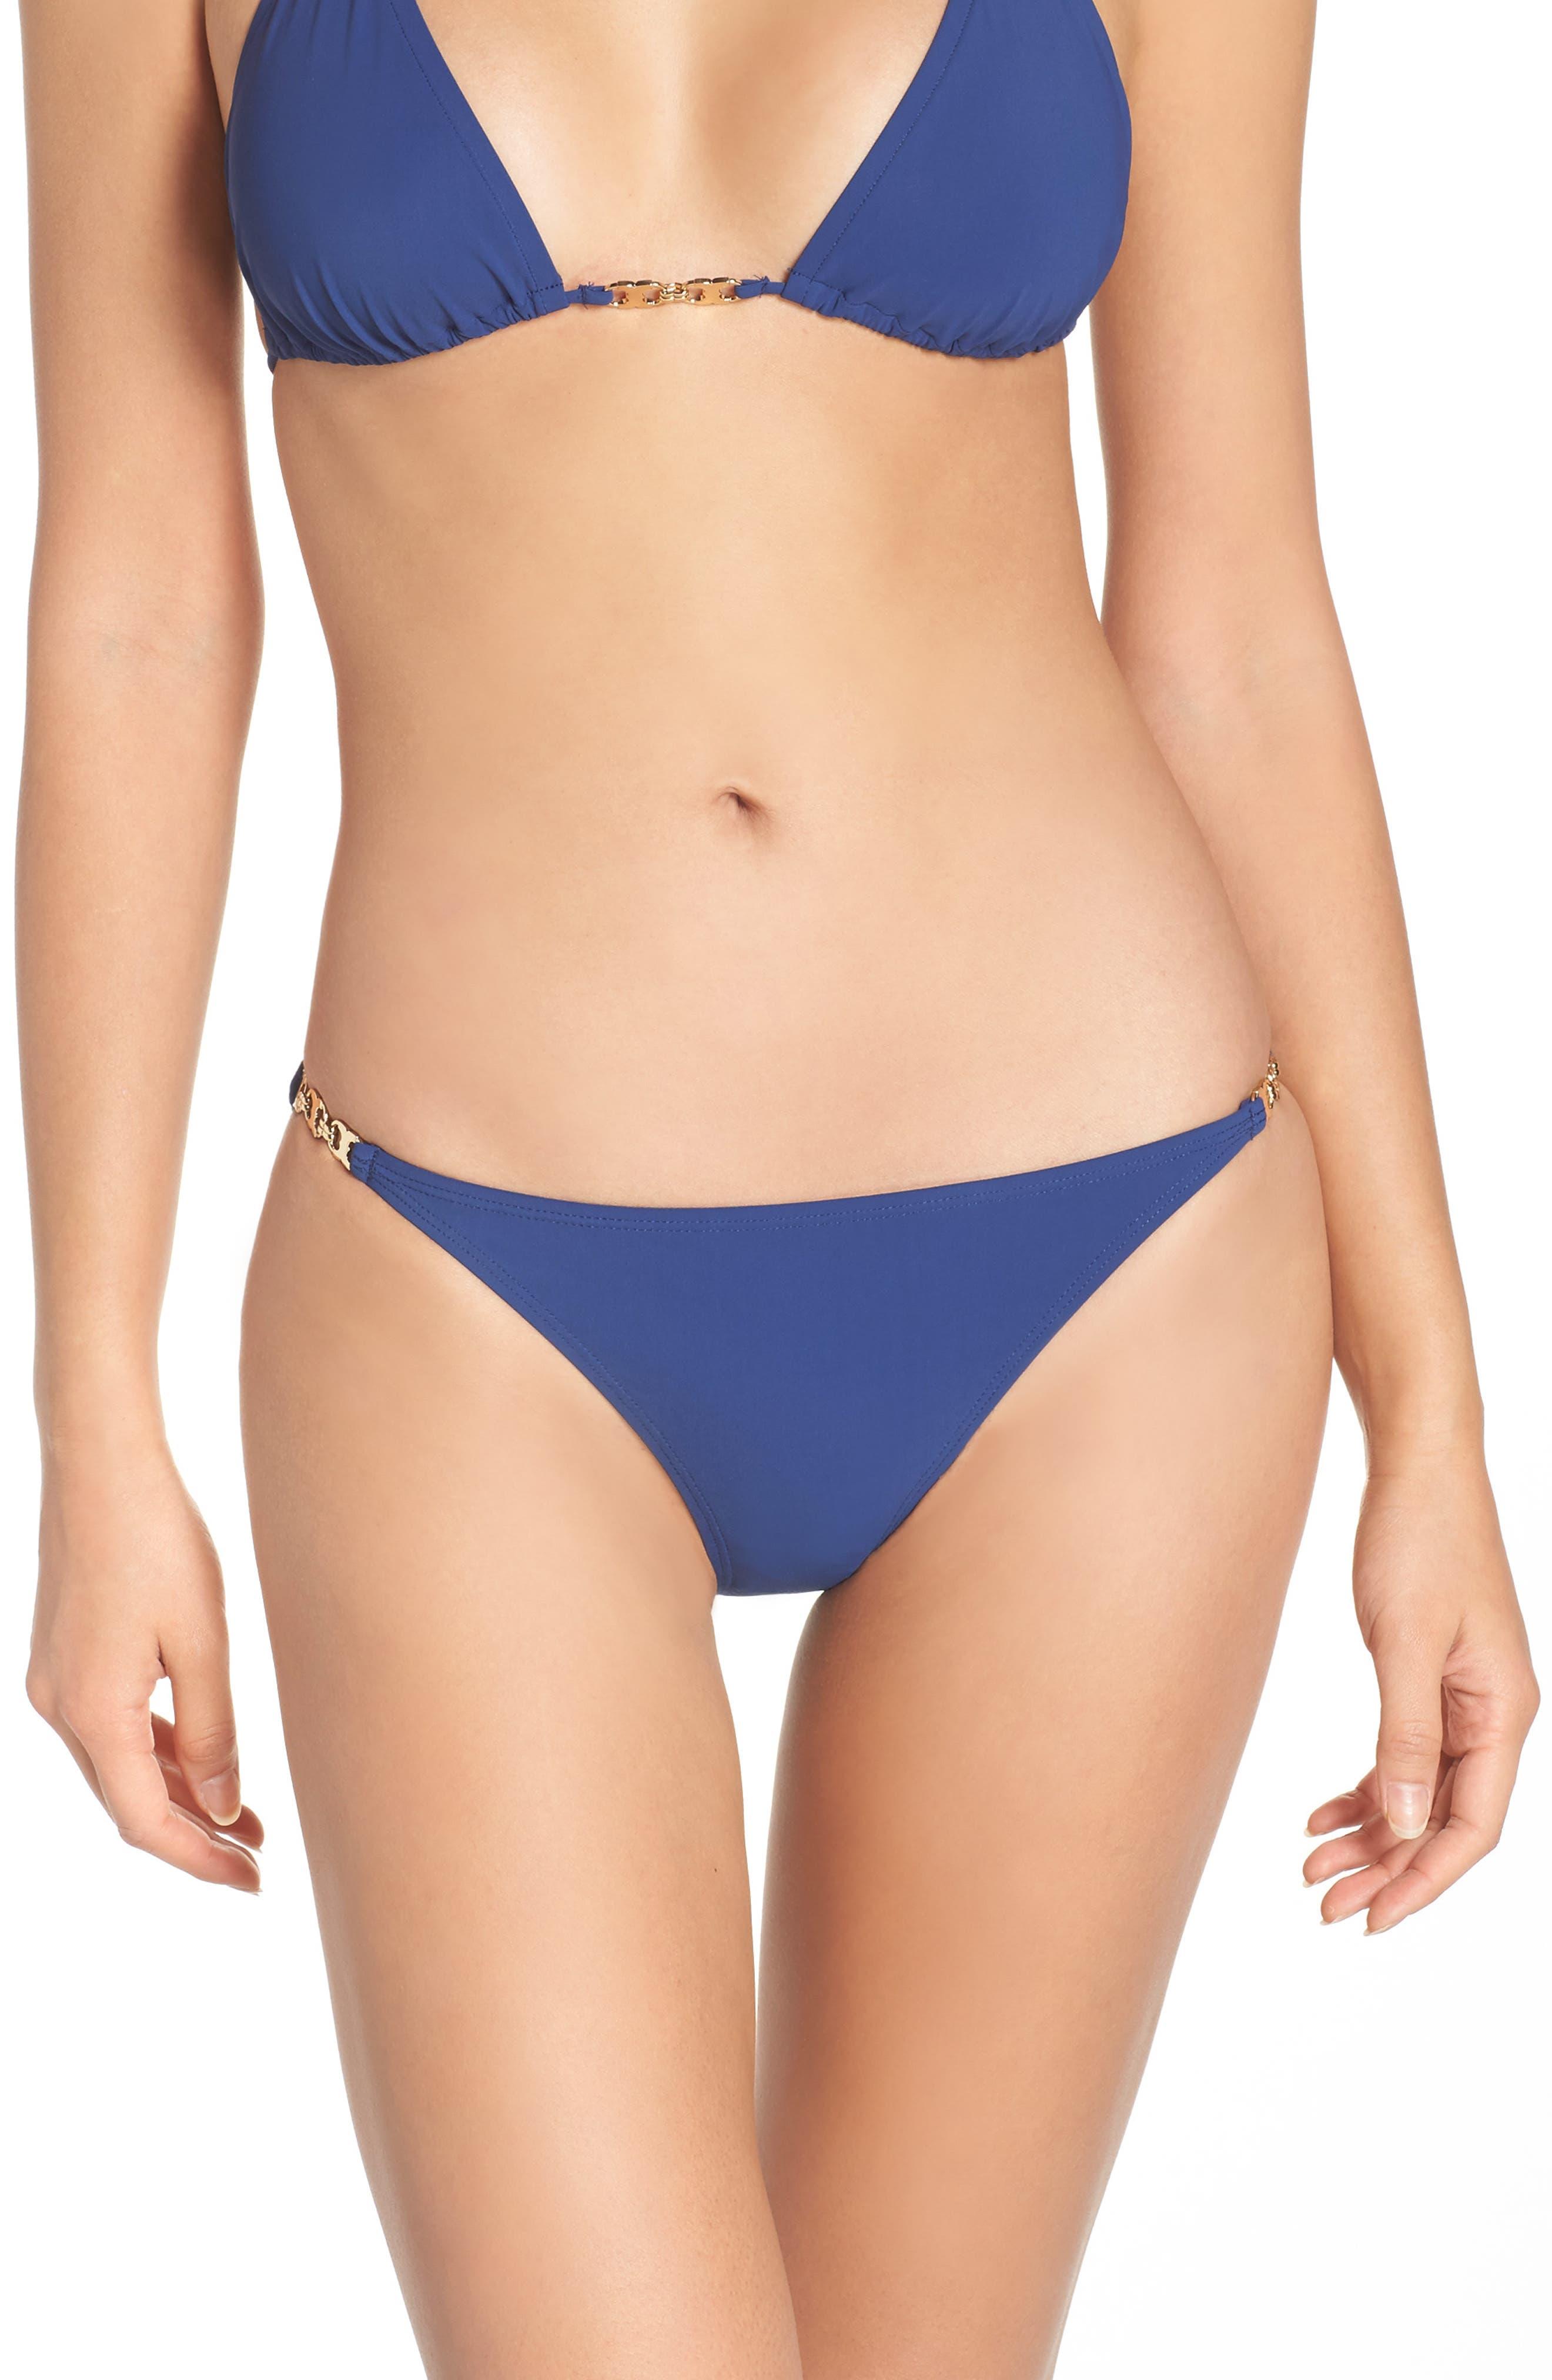 Gemini Link Bikini Bottoms,                             Alternate thumbnail 2, color,